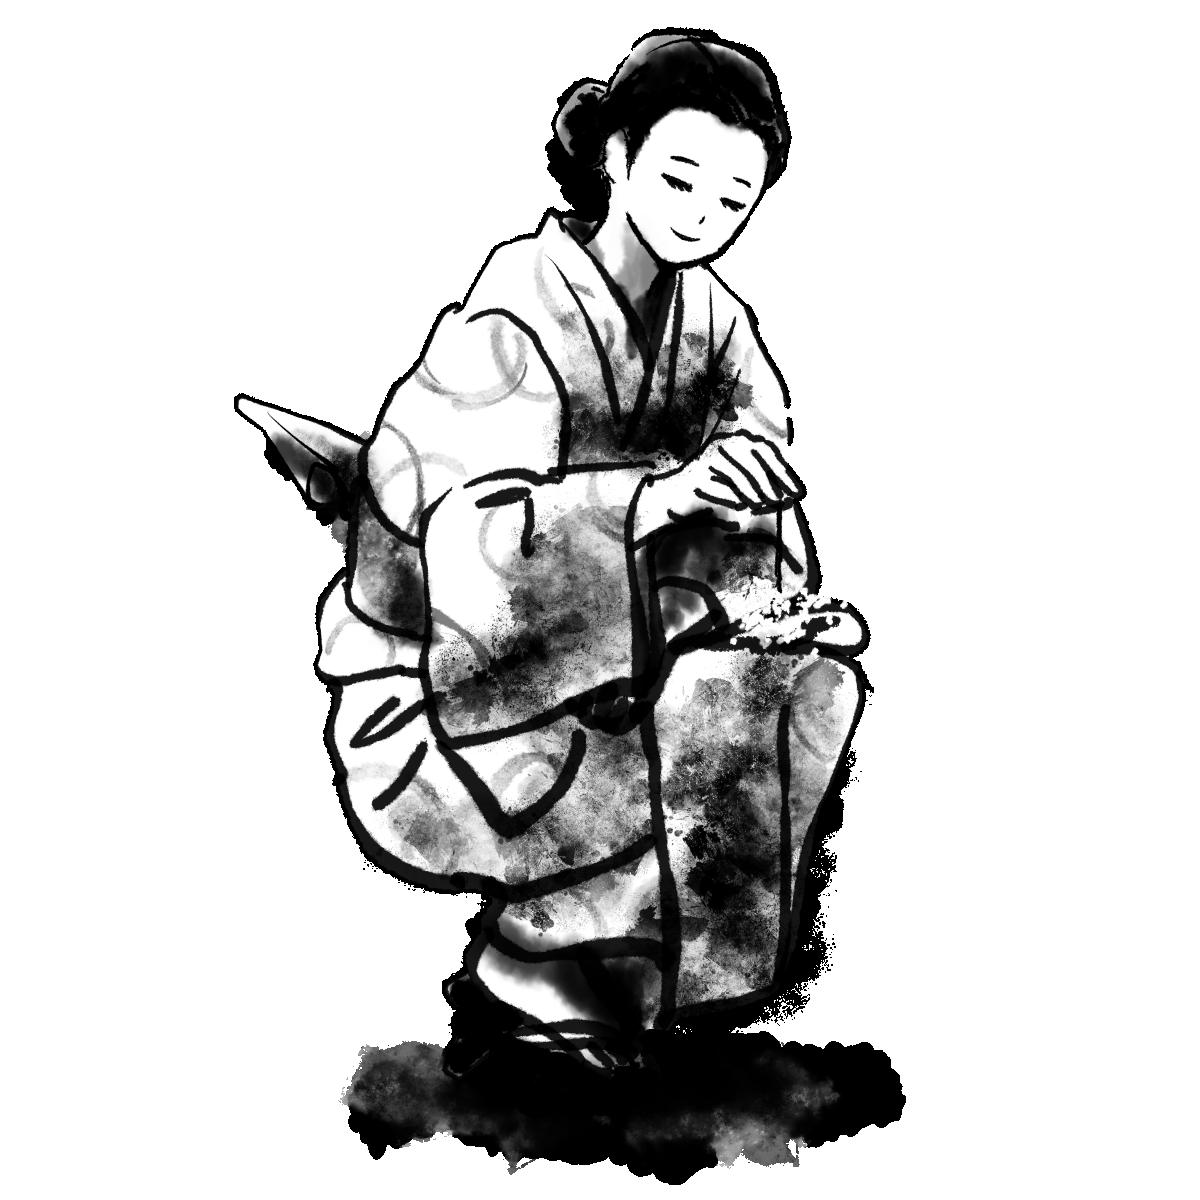 線香花火をする女性の墨絵 Senko Hanabi 和風の無料墨絵イラスト 墨絵ですの